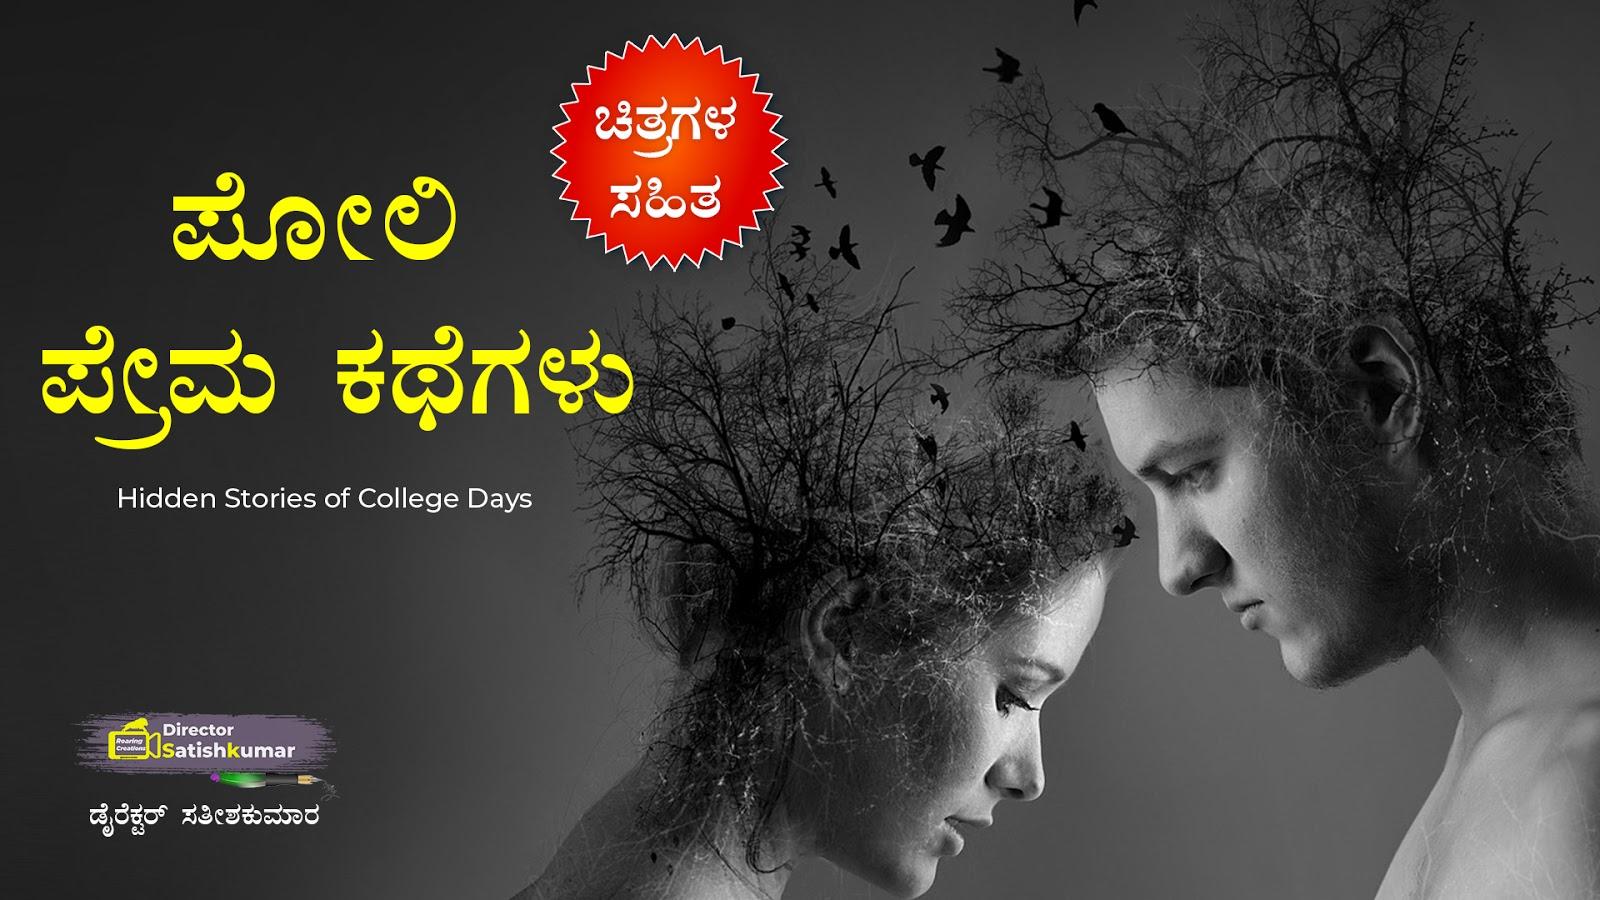 ಪೋಲಿ ಪ್ರೇಮ ಕಥೆಗಳು - Kannada Short Love Stories - ಕನ್ನಡ ಕಥೆ ಪುಸ್ತಕಗಳು - Kannada Story Books -  E Books Kannada - Kannada Books